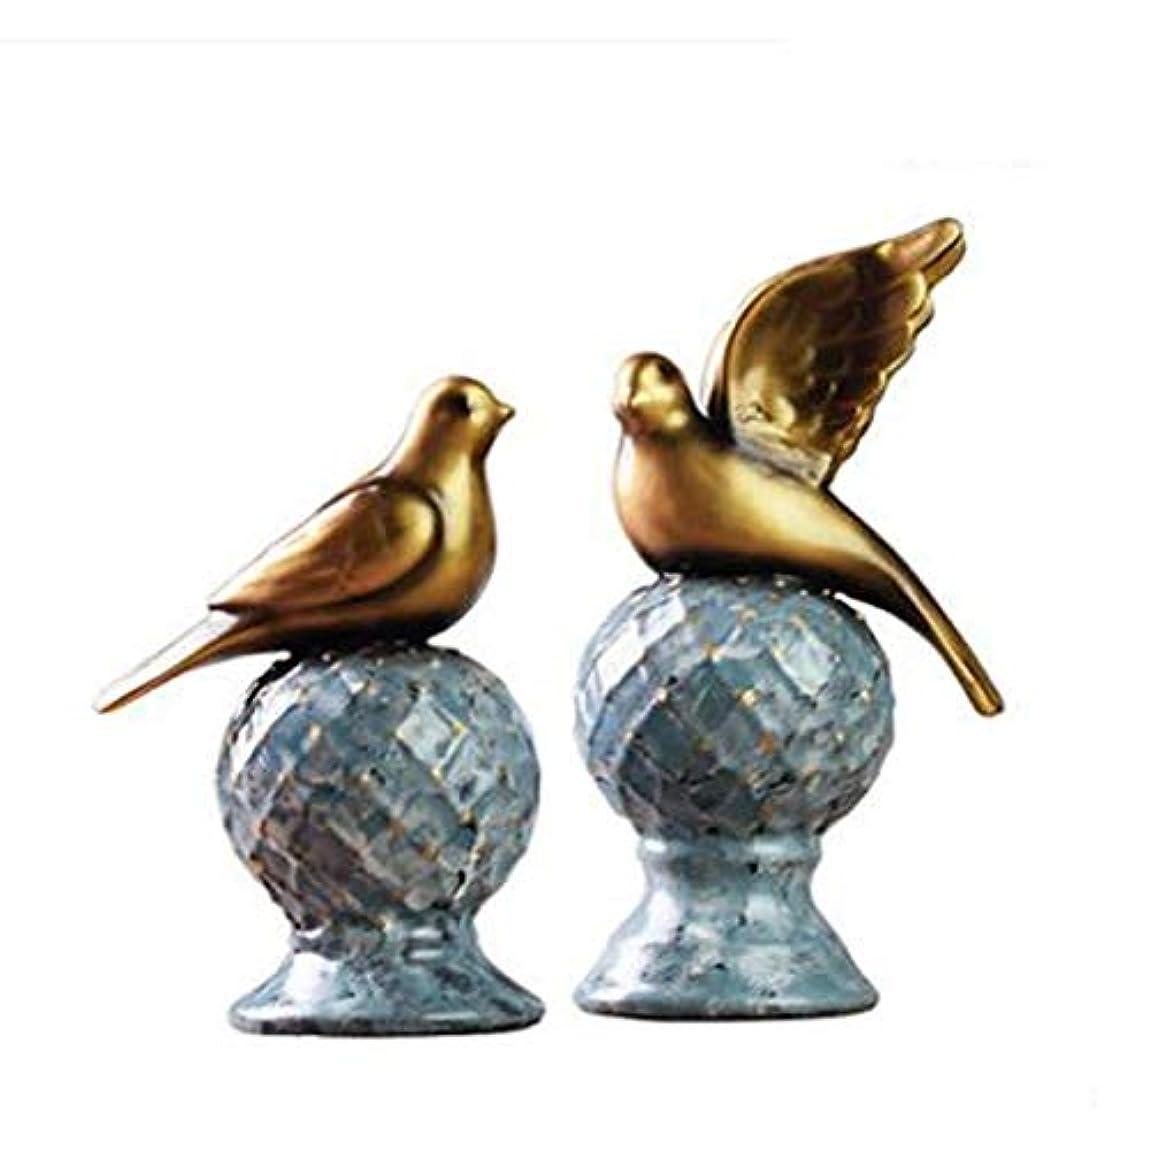 自慢緩めるスペースKaiyitong01 装飾品、装飾品、現代ヨーロッパの居間、ポーチ、樹脂工芸品、アメリカのテレビキャビネット、鳥の陳列,絶妙なファッション (Color : Gold)